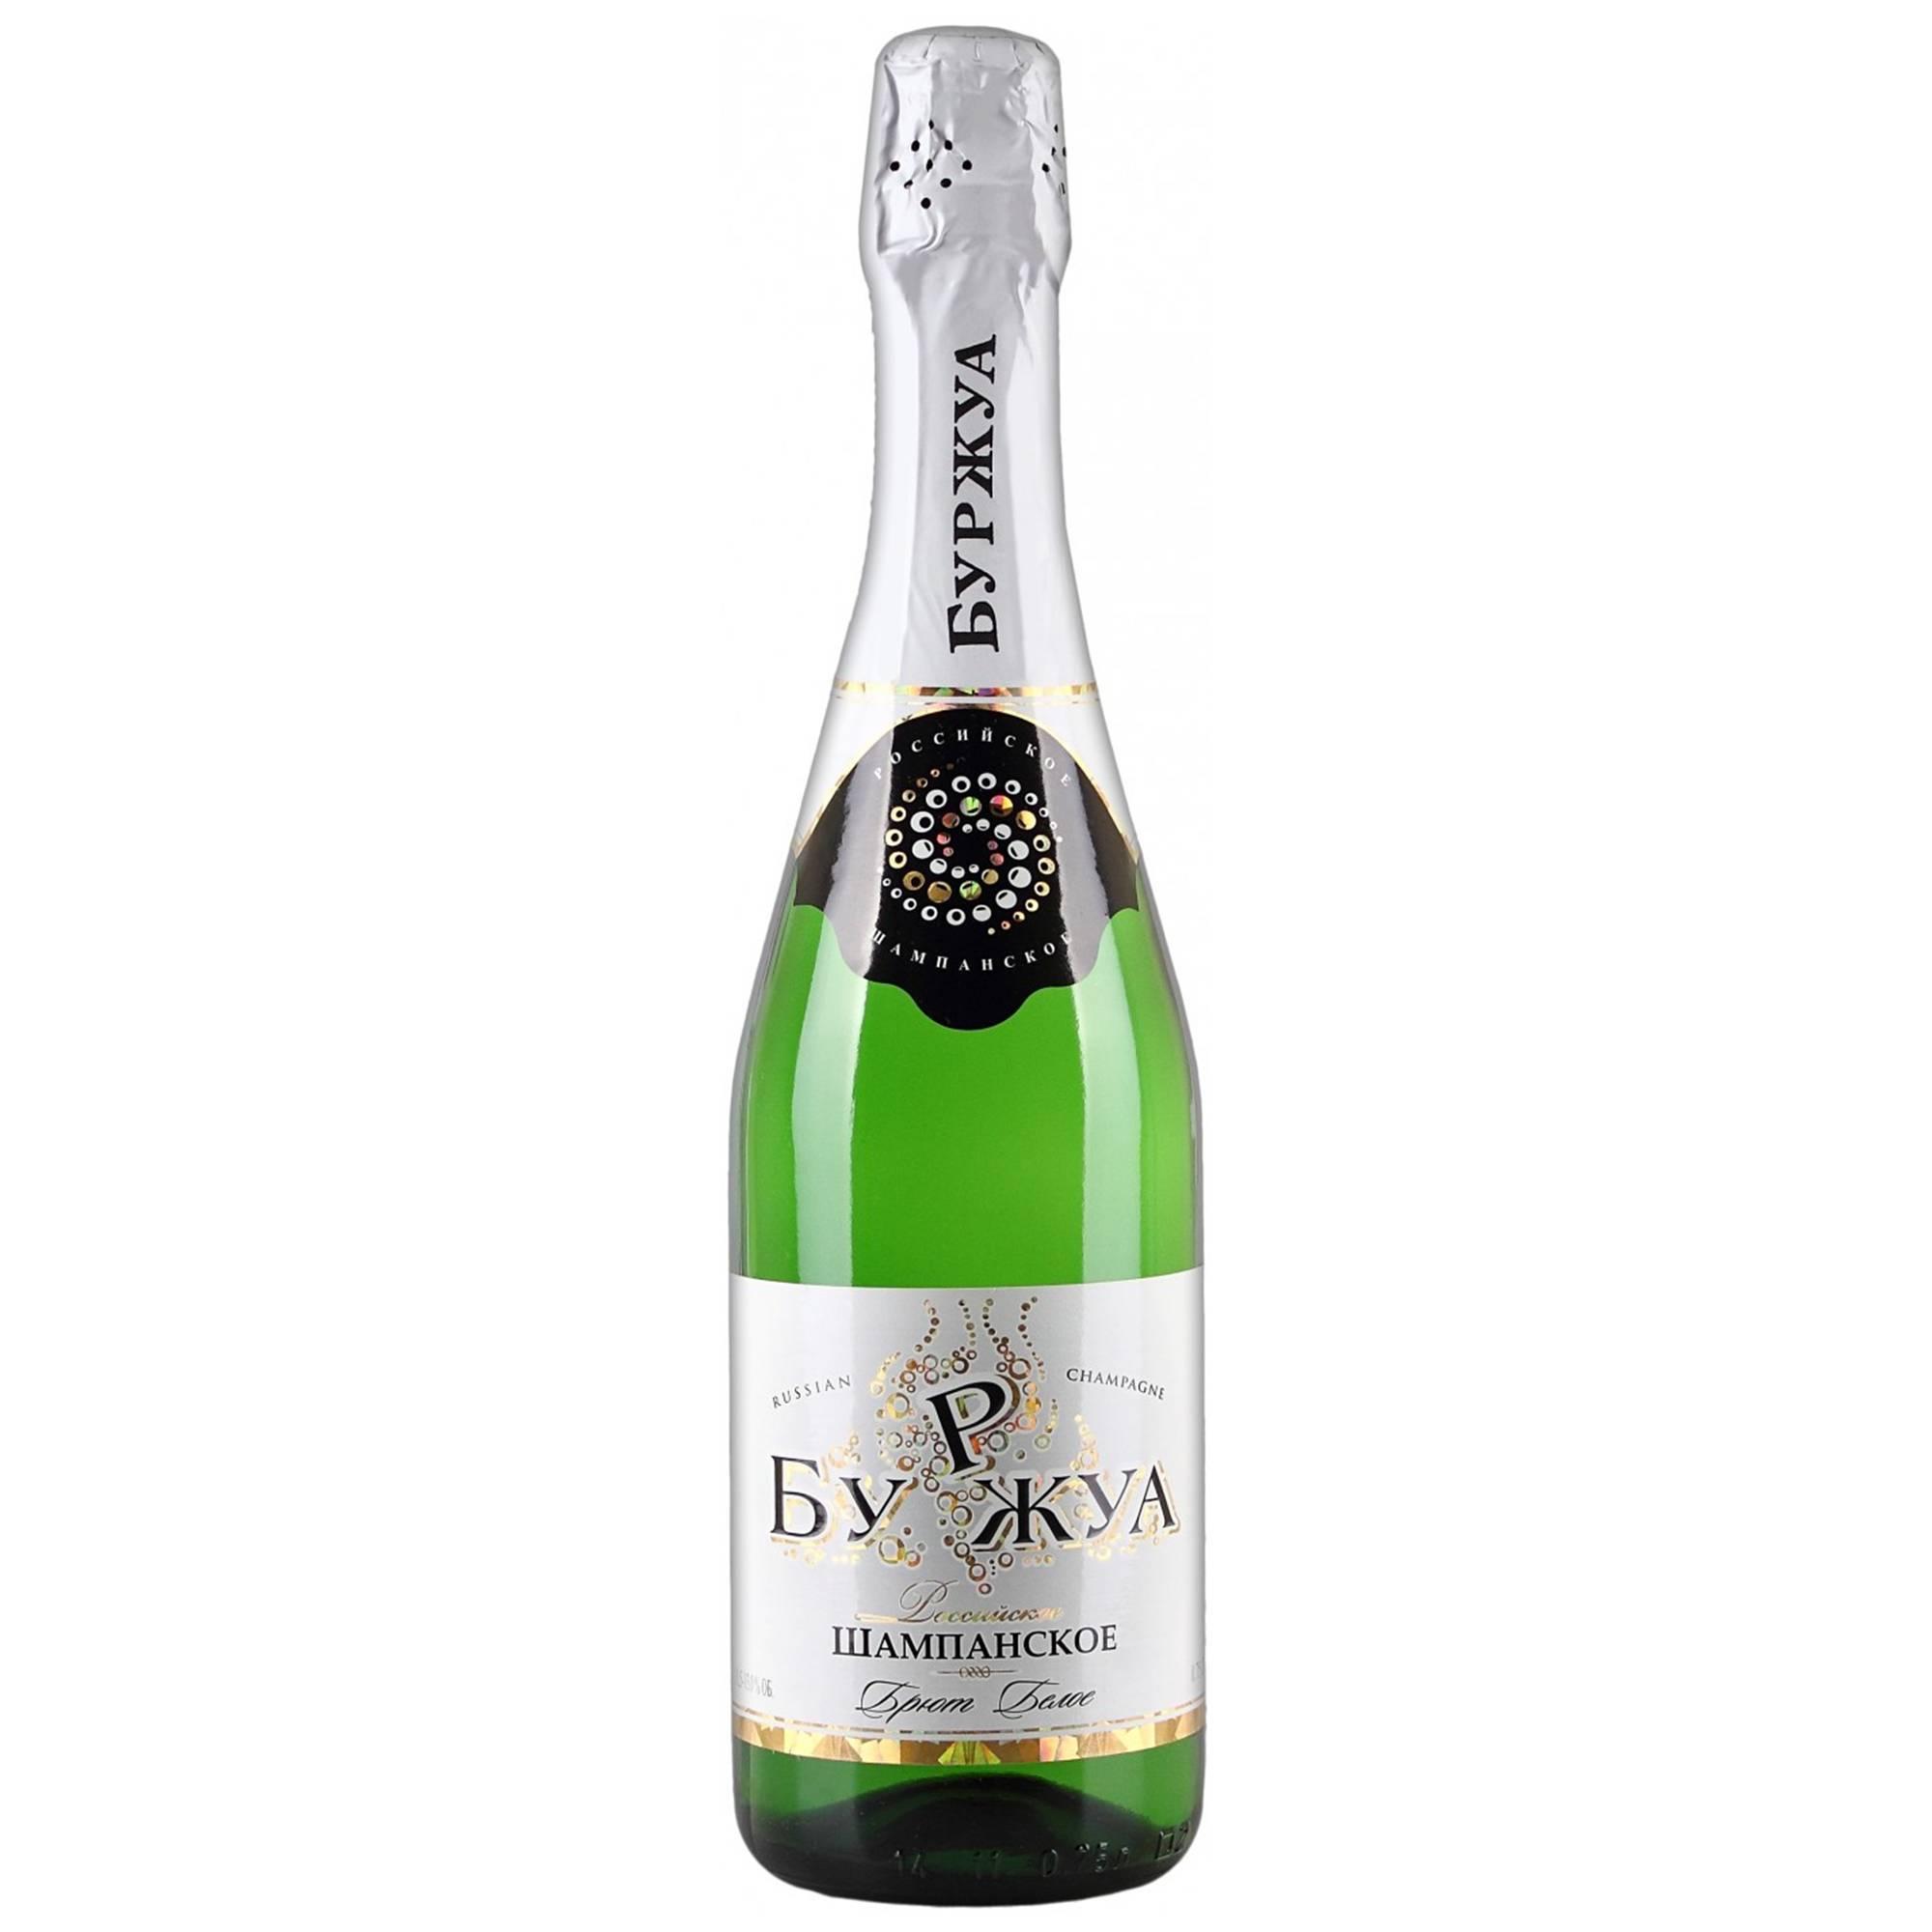 Рейтинг хороших марок шампанского